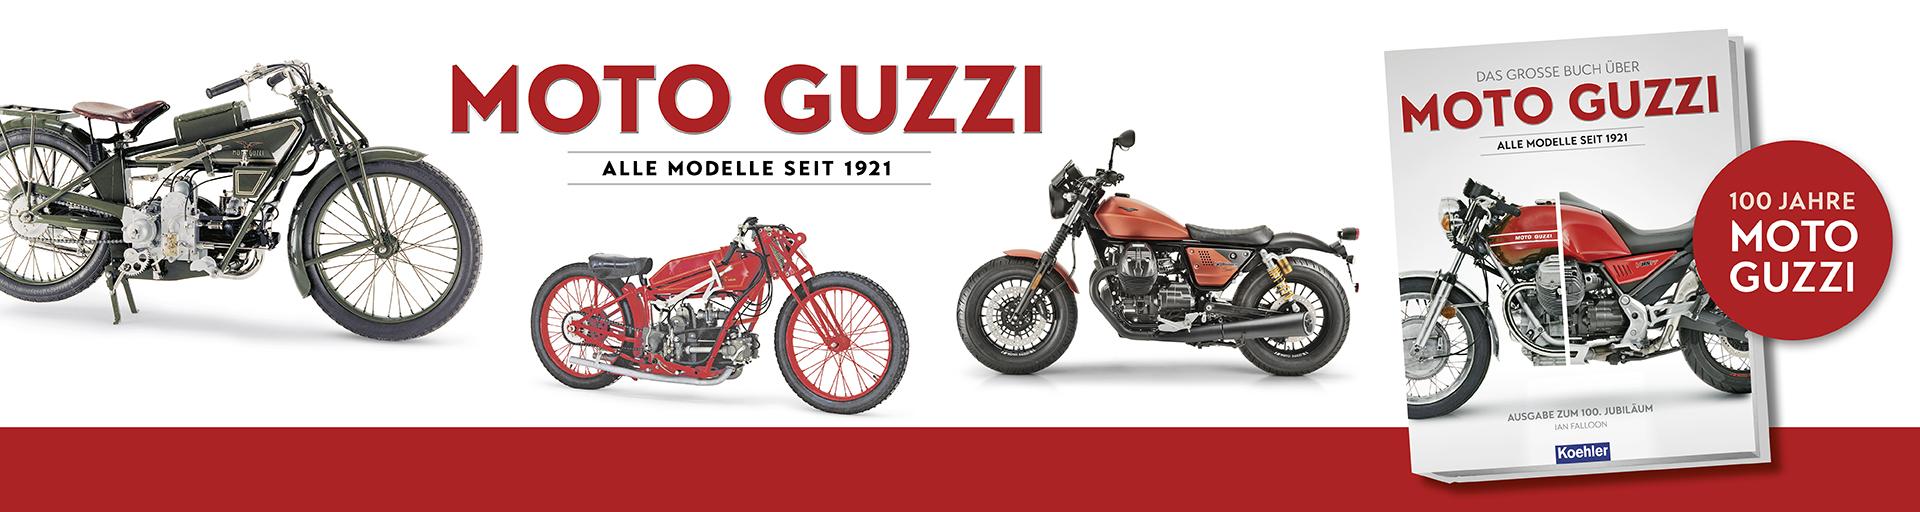 Moto Guzzi Slider